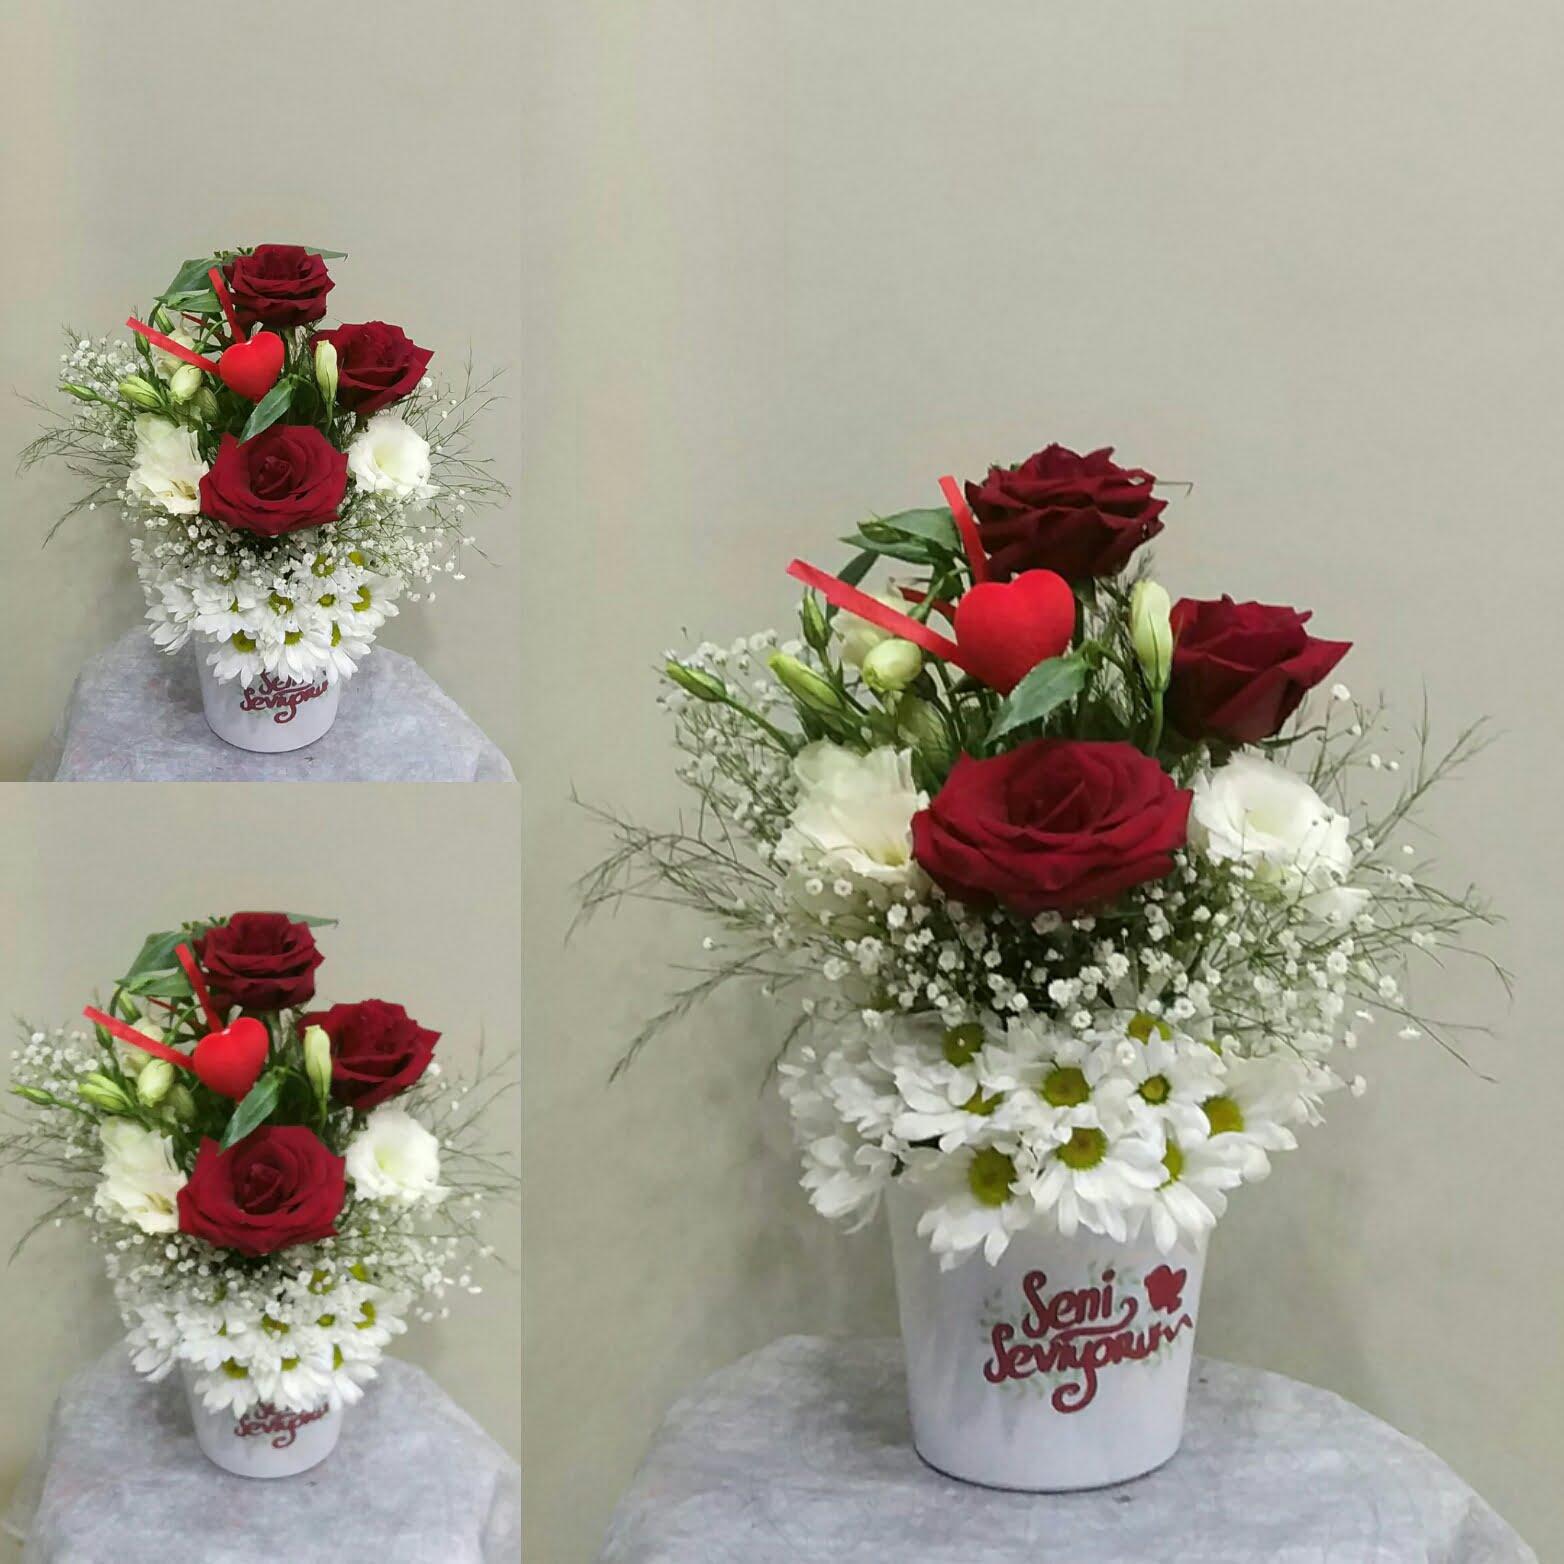 seramik vazoda papatya ve 3 gül ile hazırlana aranjman yiğitbaşı çiçek ısparta tarafında teslim edilir